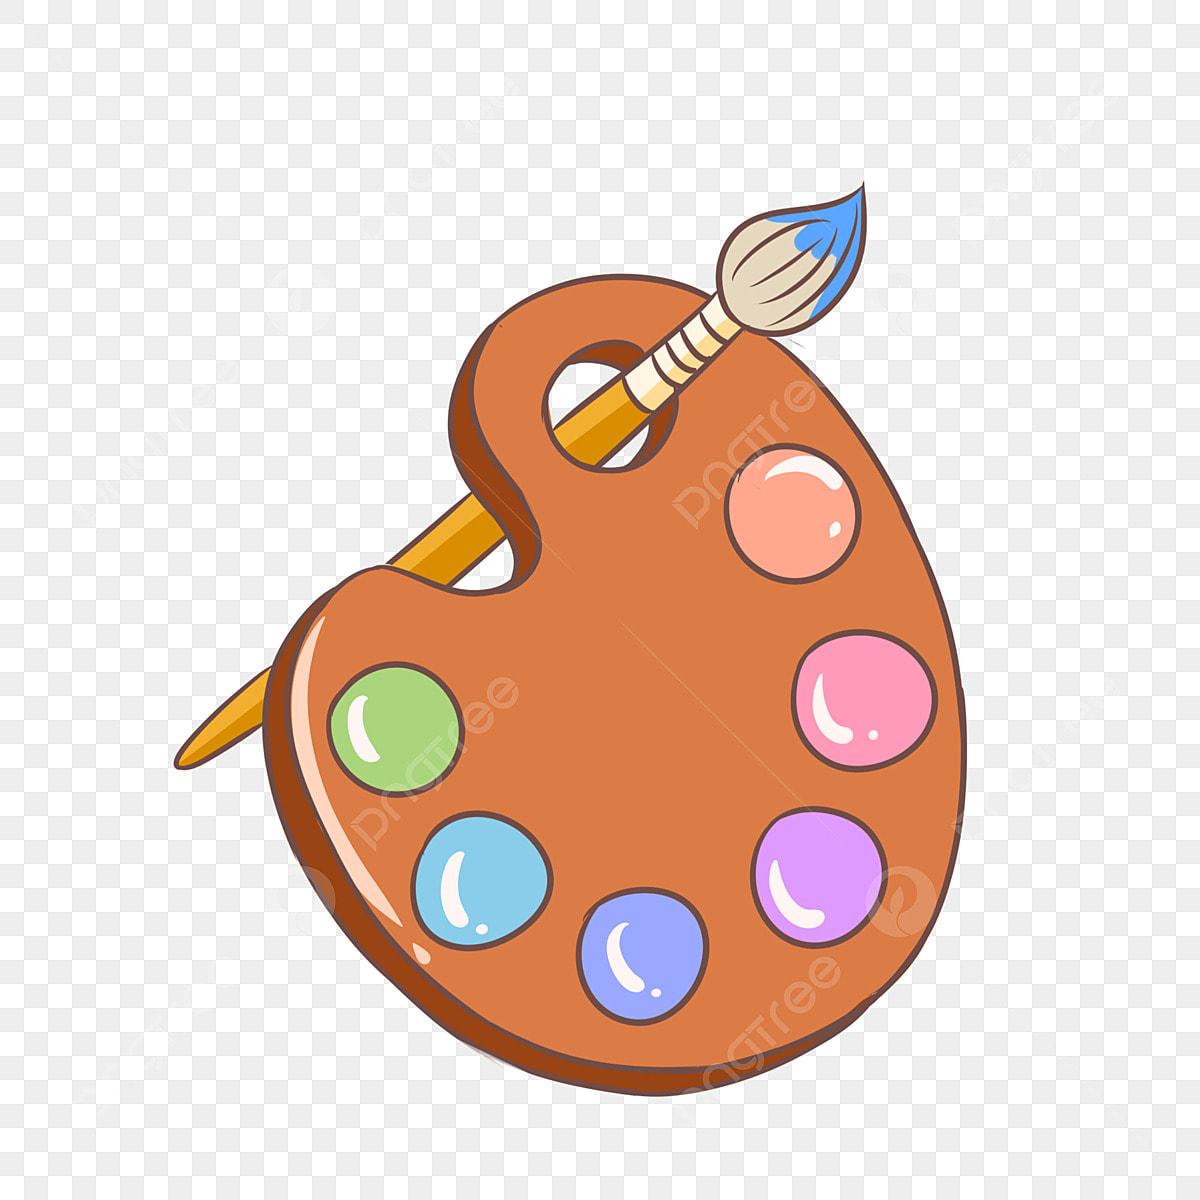 無料ダウンロードのための虹色の絵の具 や筆係 ペンキ カラーpng画像素材